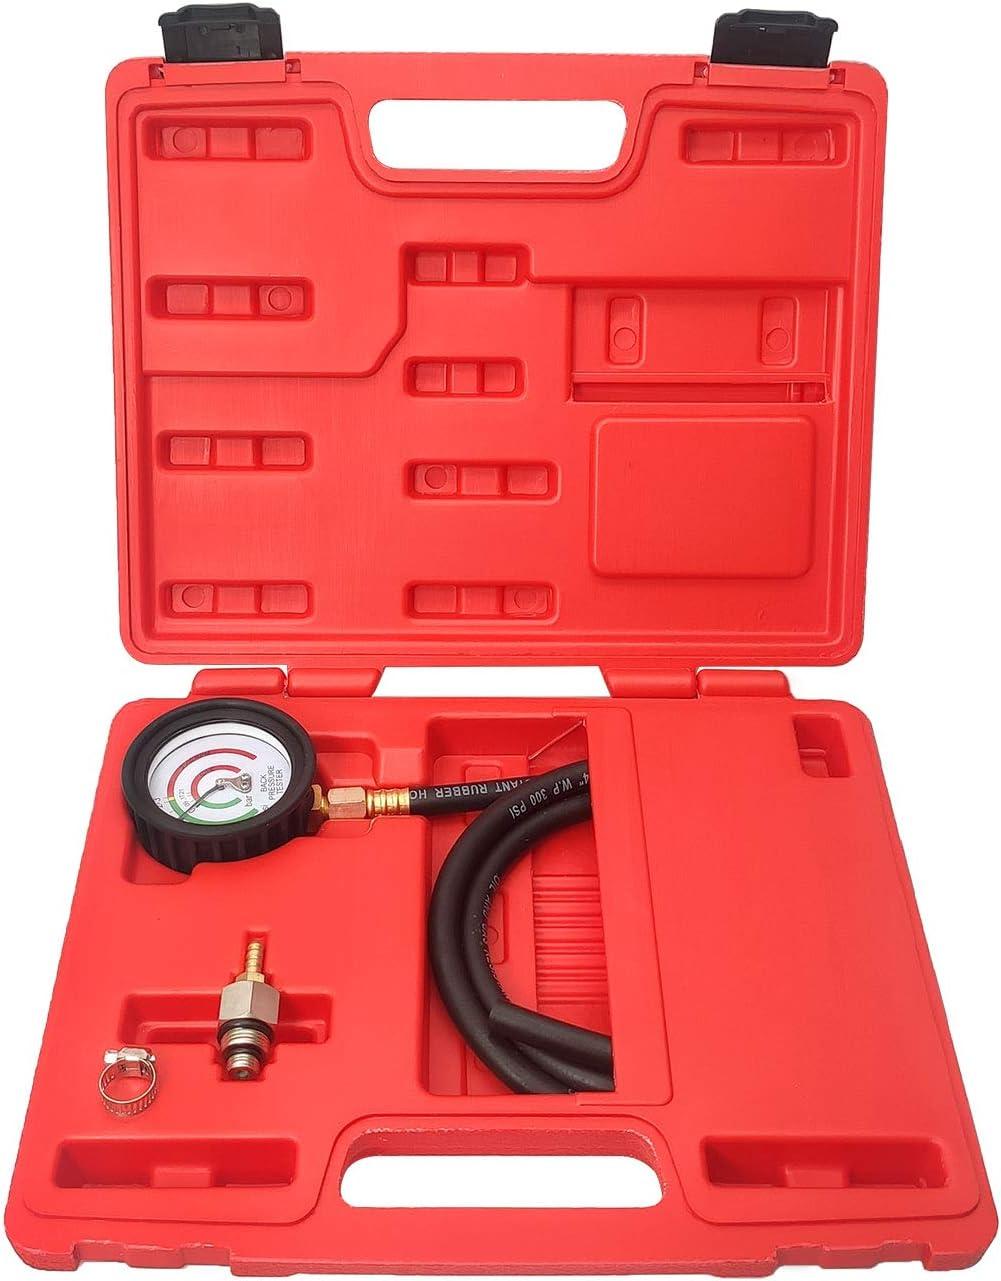 Doneioe Probador de contrapresi/ón de escape con adaptador de man/ómetro Estuche de almacenamiento de man/ómetro 1 paquete 27263